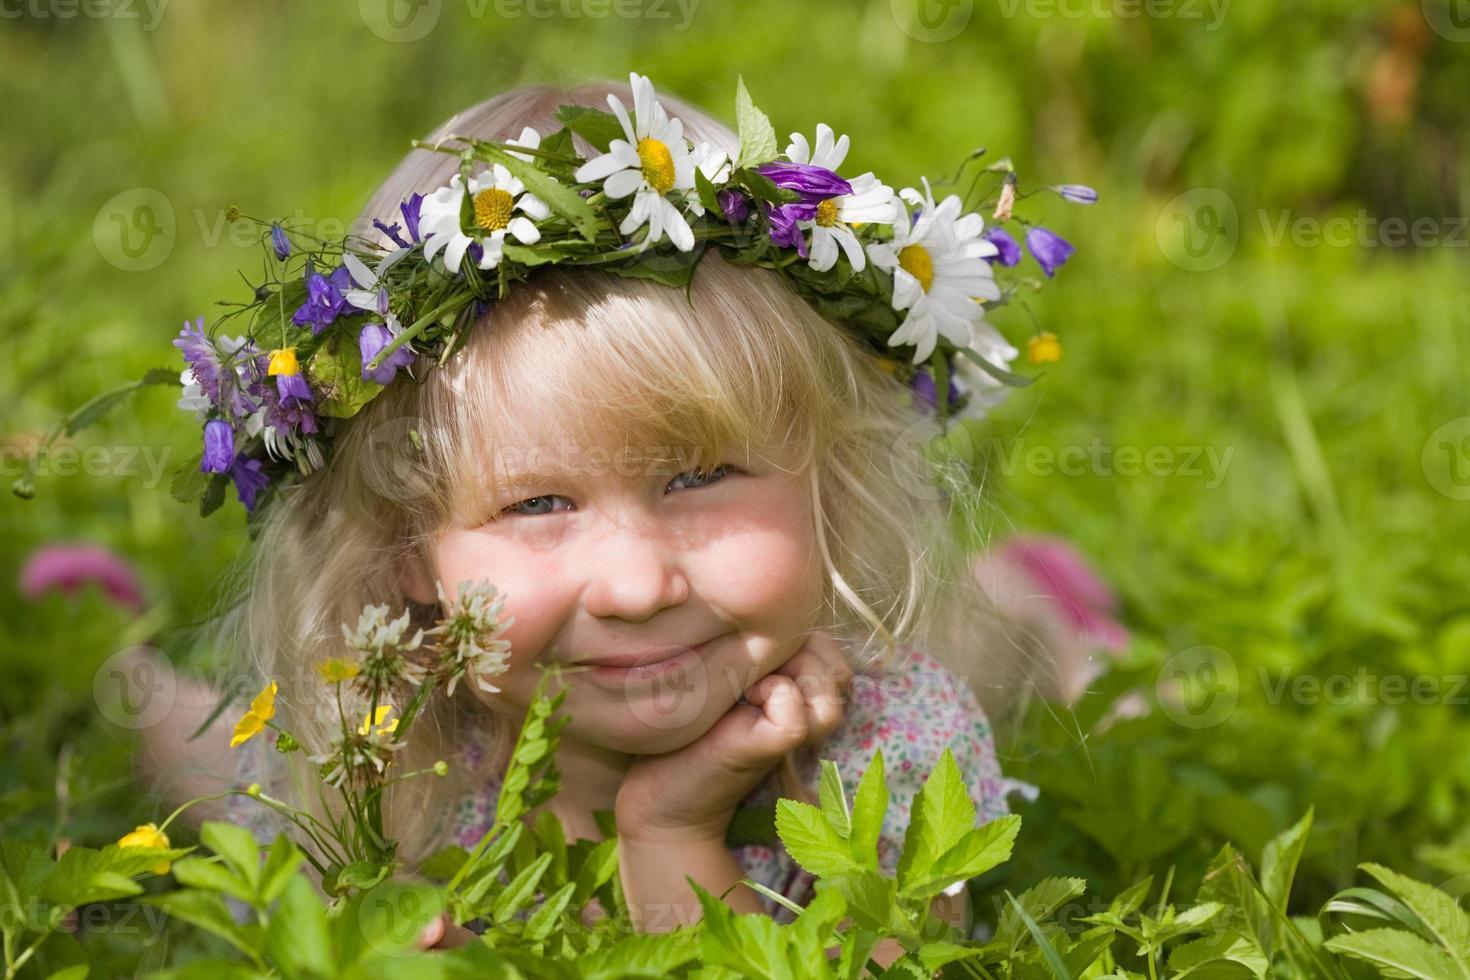 glückliches kleines Mädchen auf grüner Wiese foto